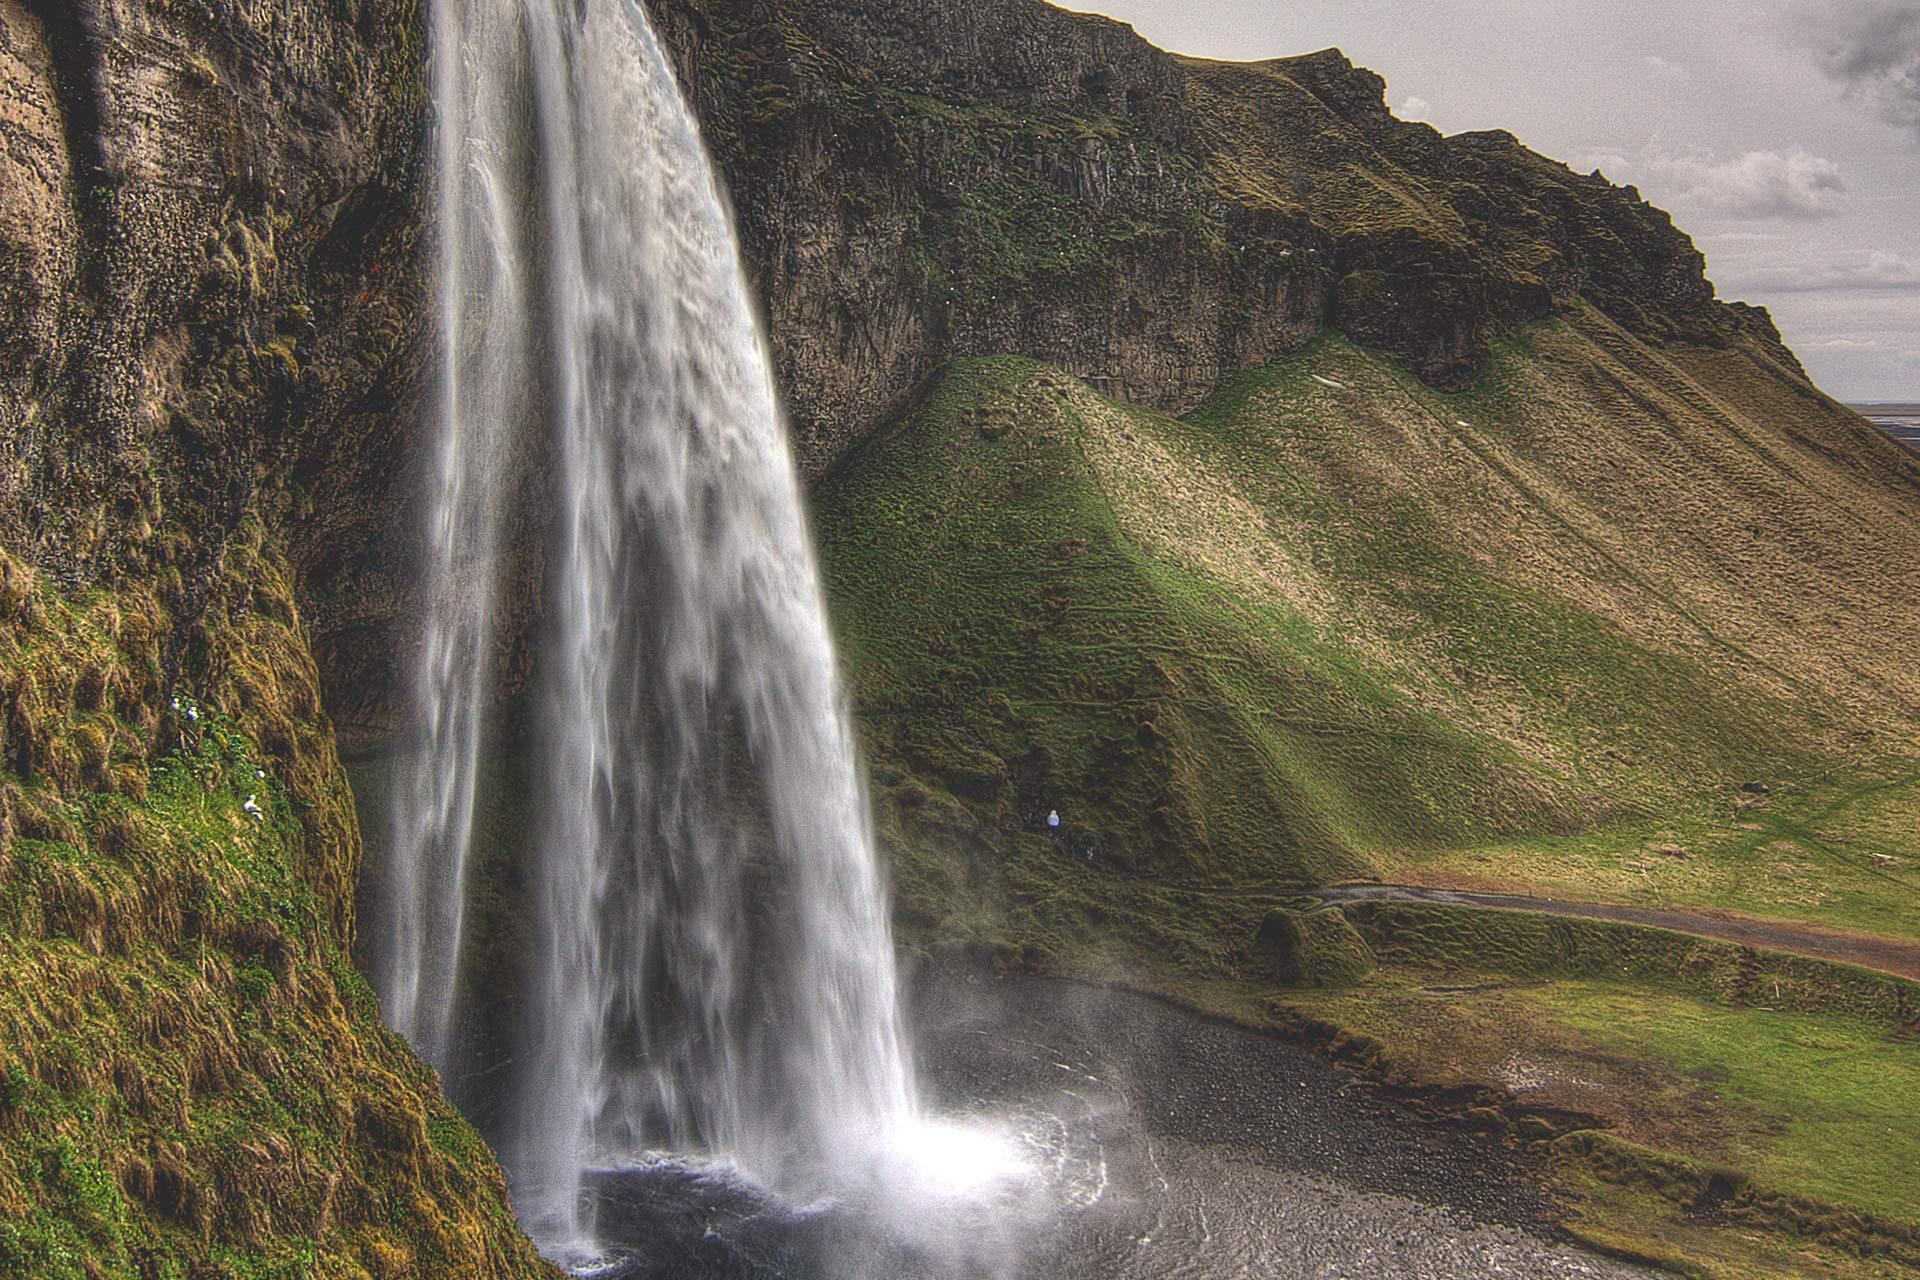 Erlebe den Wasserfall Seljalandsfoss, der die Klippen der Südküste hinabstürzt, auf einer 4-tägigen Tour durch Südisland.